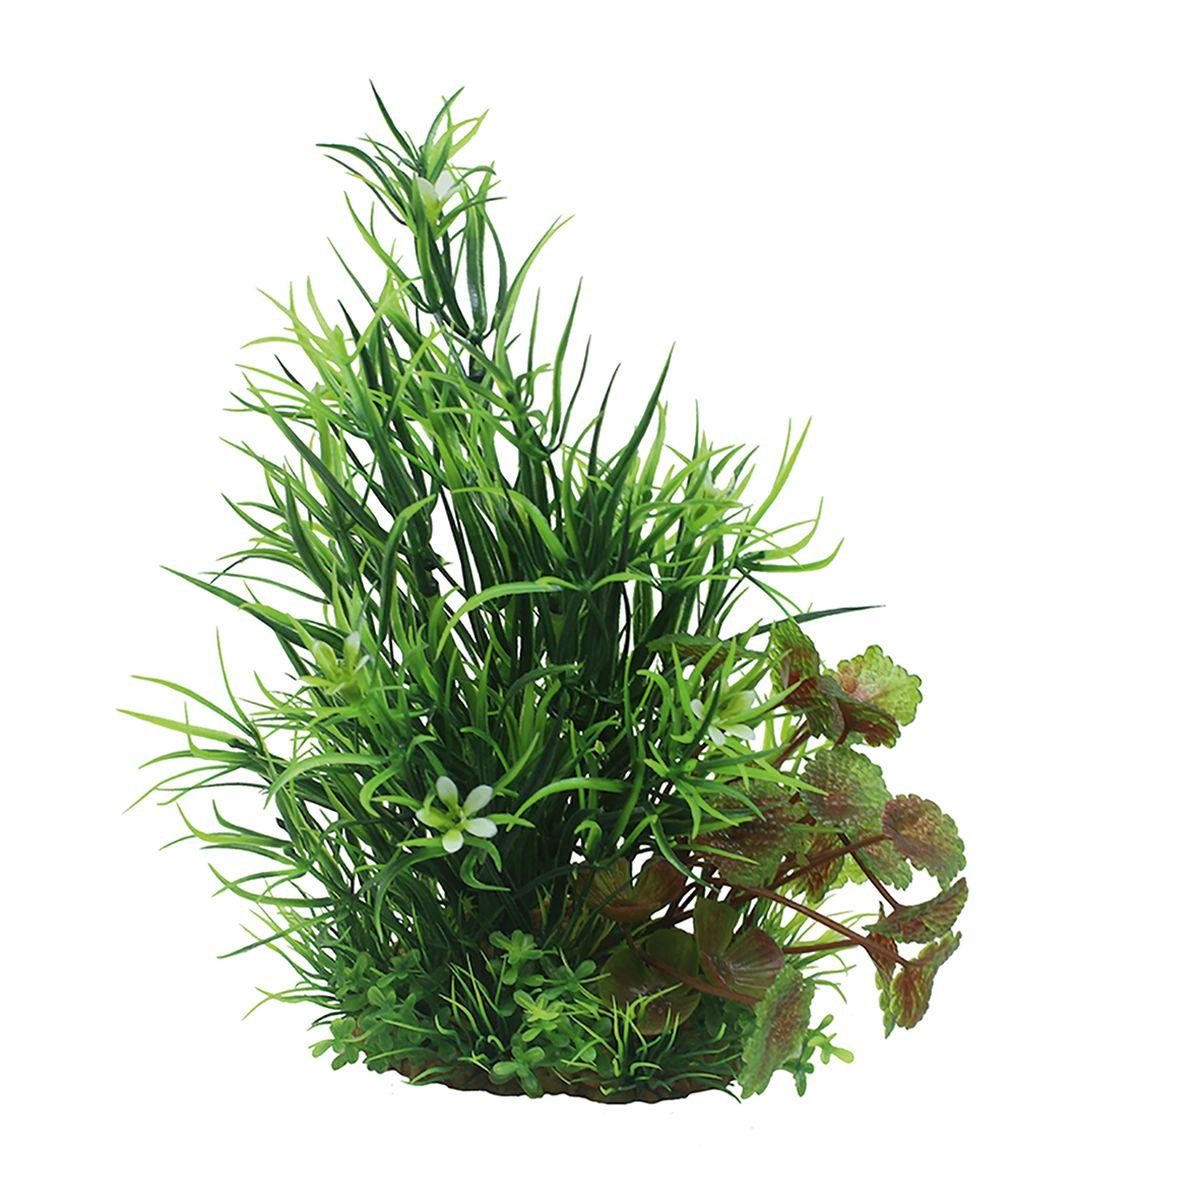 Растение для аквариума ArtUniq Лагаросифон мадагаскарский, высота 15 смART-1140109Растение для аквариума ArtUniq Лагаросифон мадагаскарский, высота 15 см